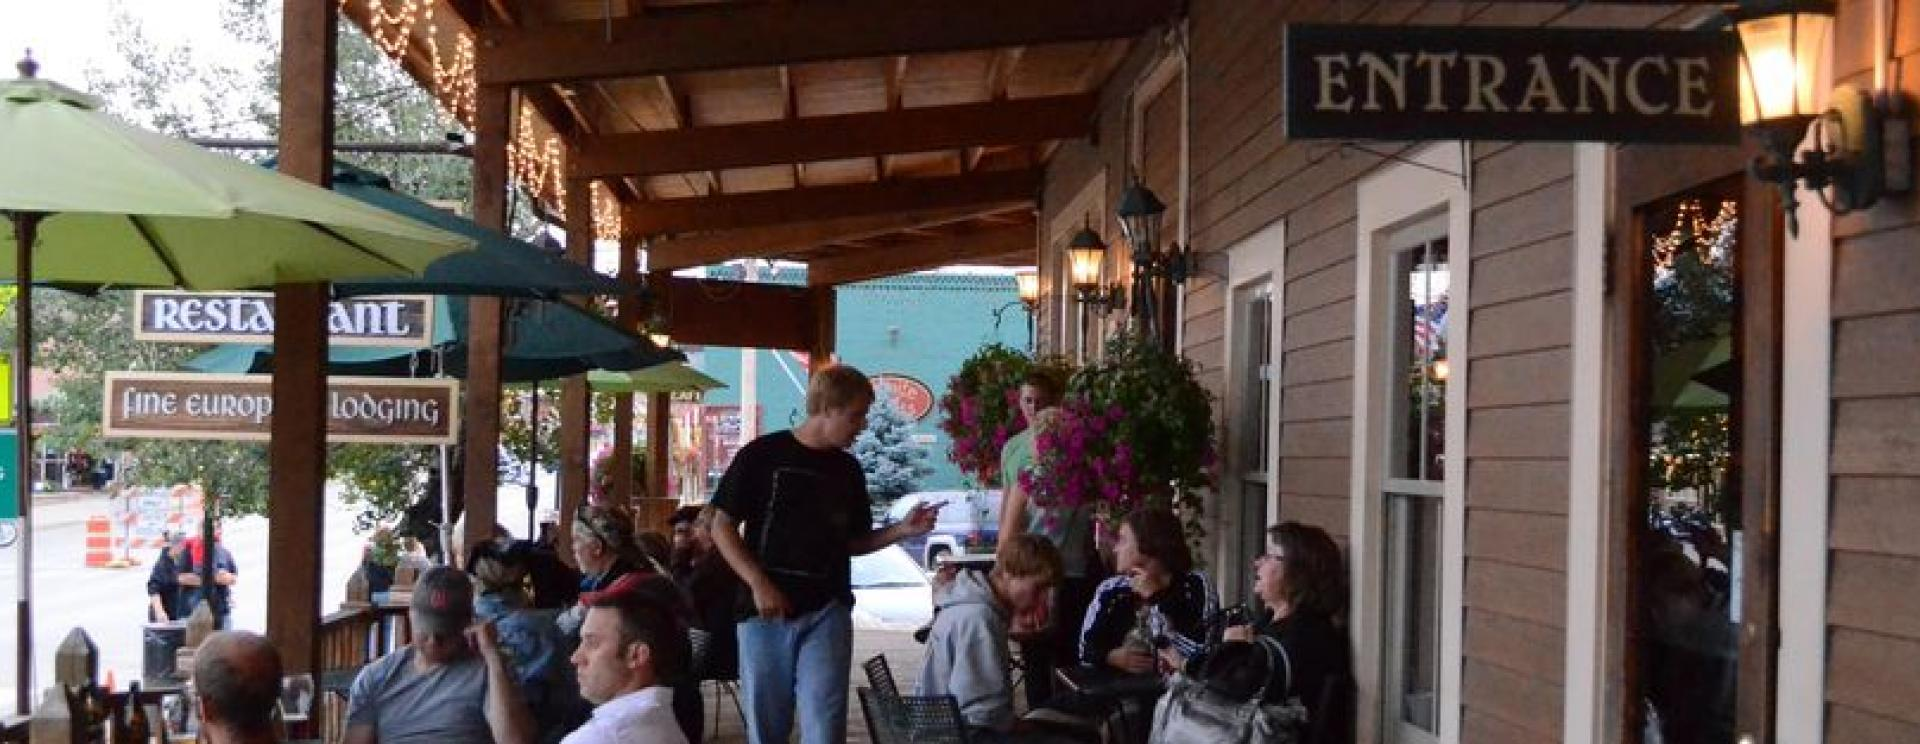 The Alpine Inn Restaurant